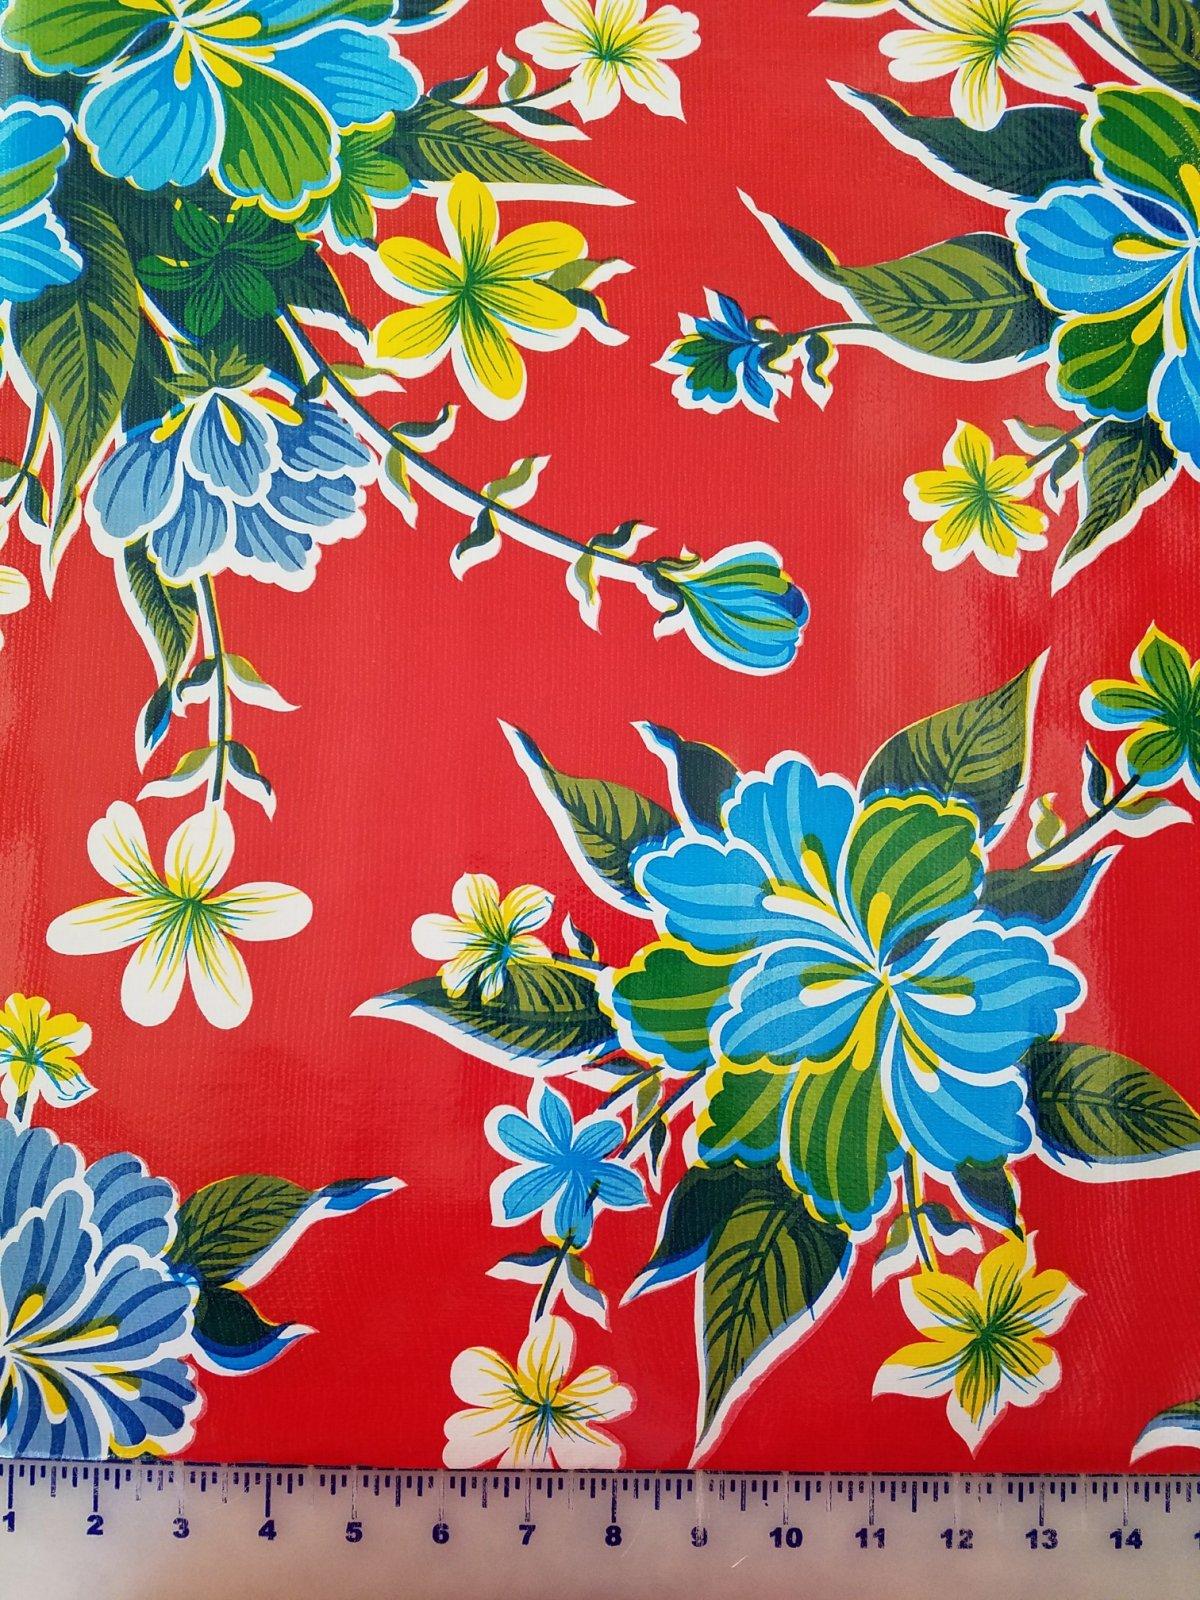 STRPREDHYB Moda Oilcloth 48 wide Red Hybiscus